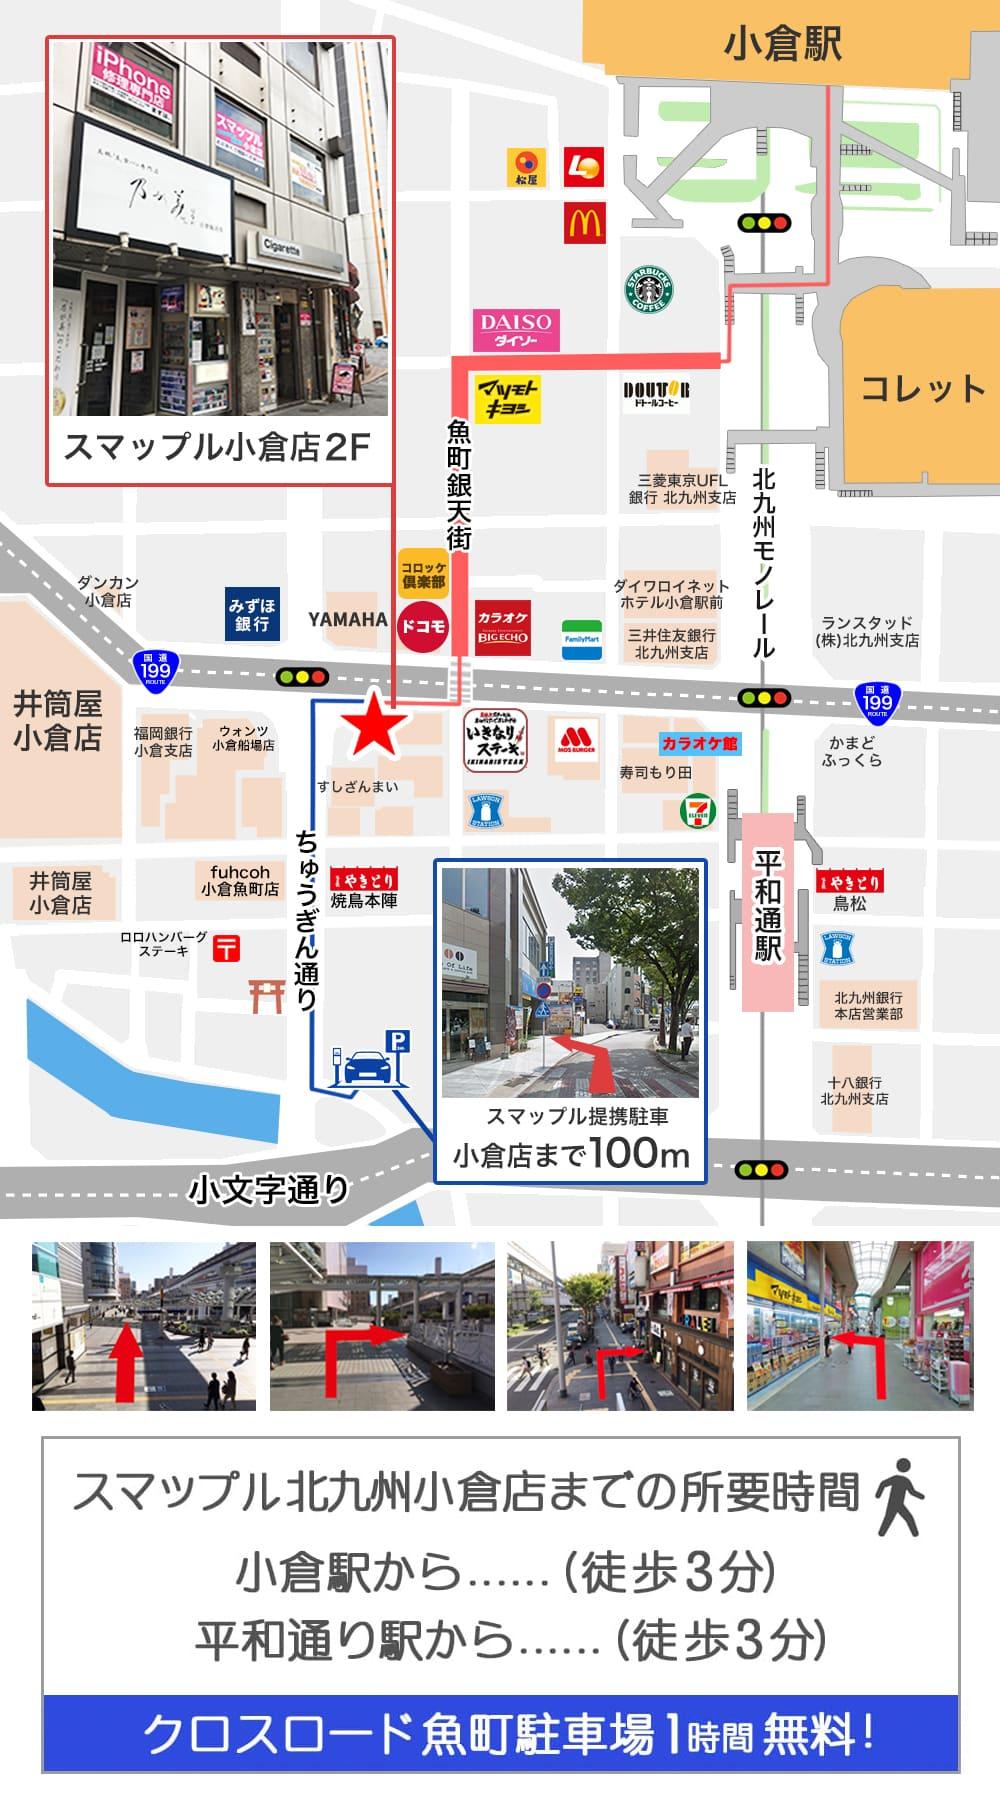 クロスロードパーキング]提携駐車場はココです!小倉駅徒歩3分 ...